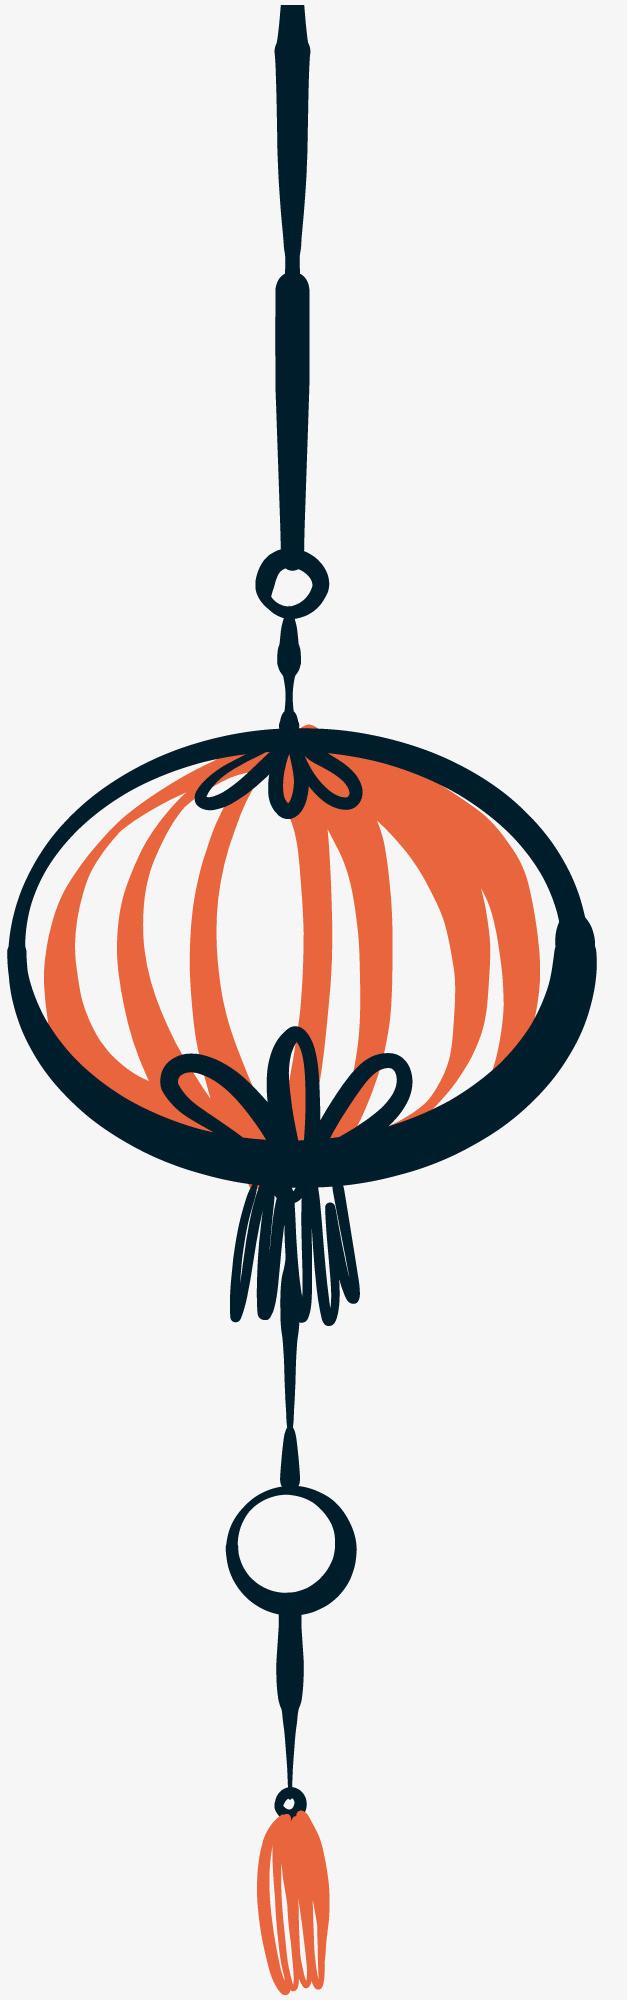 装饰手绘新年灯笼素材